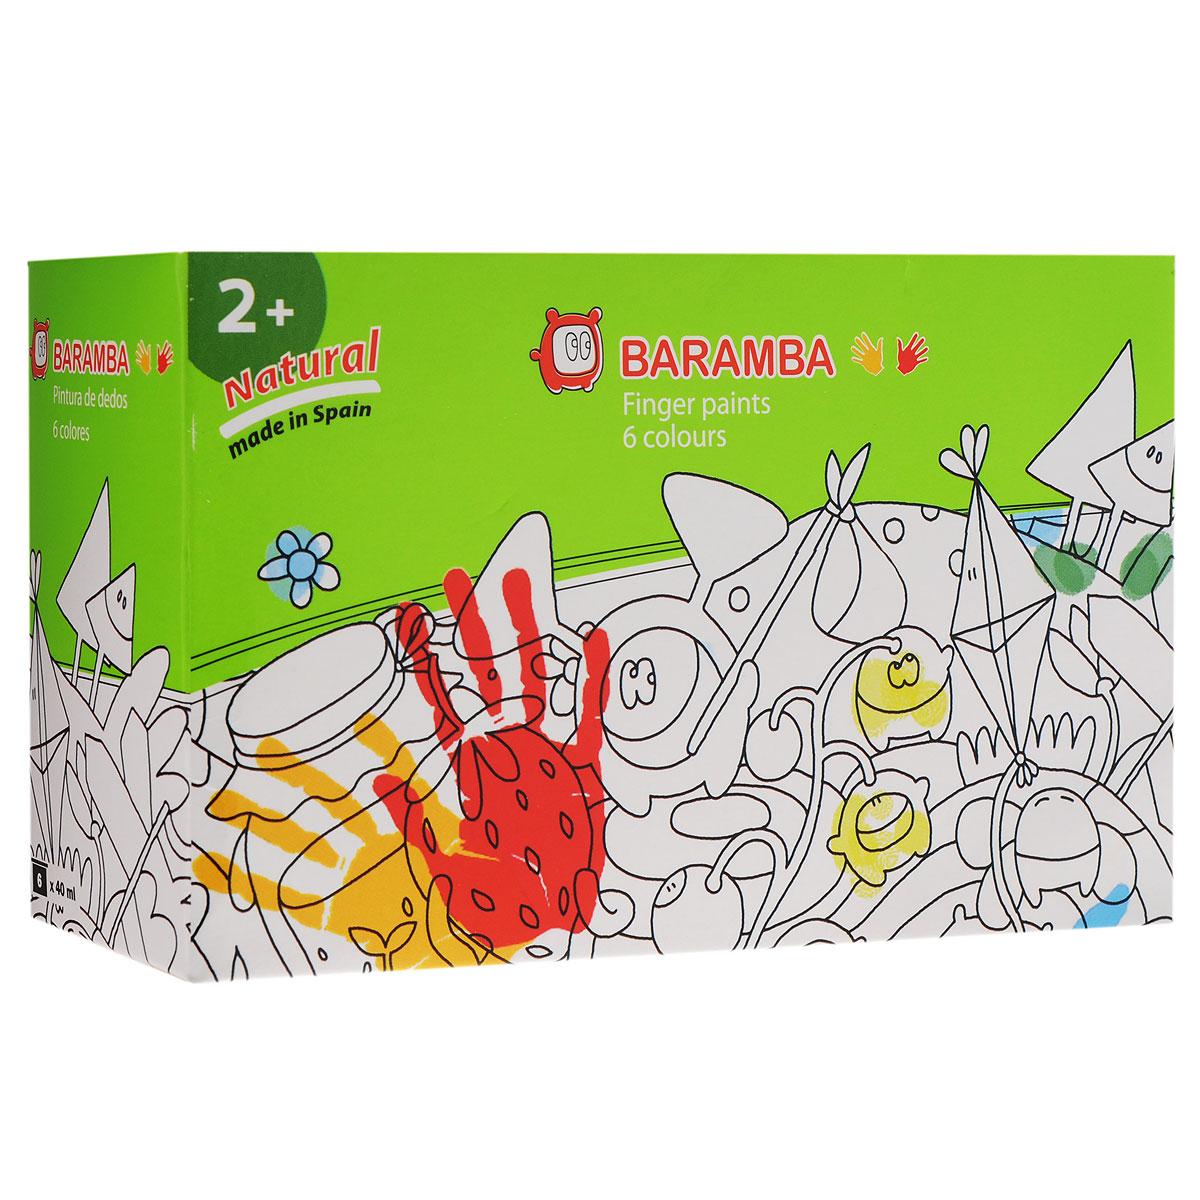 Краски пальчиковые Baramba, 6 цветов. B00536B00536Краски пальчиковые Baramba, 6 цветов представляют собой набор красок зеленого, голубого, желтого, оранжевого, красного, коричневого цветов. Густые краски на водной основе, не вытекающие из баночки. Легко смываются, быстро сохнут. Рисовать можно пальцами, ладонями, ступнями, кисточкой. Идеальны для раннего развития ребенка. Емкость баночки 40 мл.Уважаемые клиенты! Обращаем ваше внимание на то, что упаковка может иметь несколько видов дизайна. Поставка осуществляется в зависимости от наличия на складе.